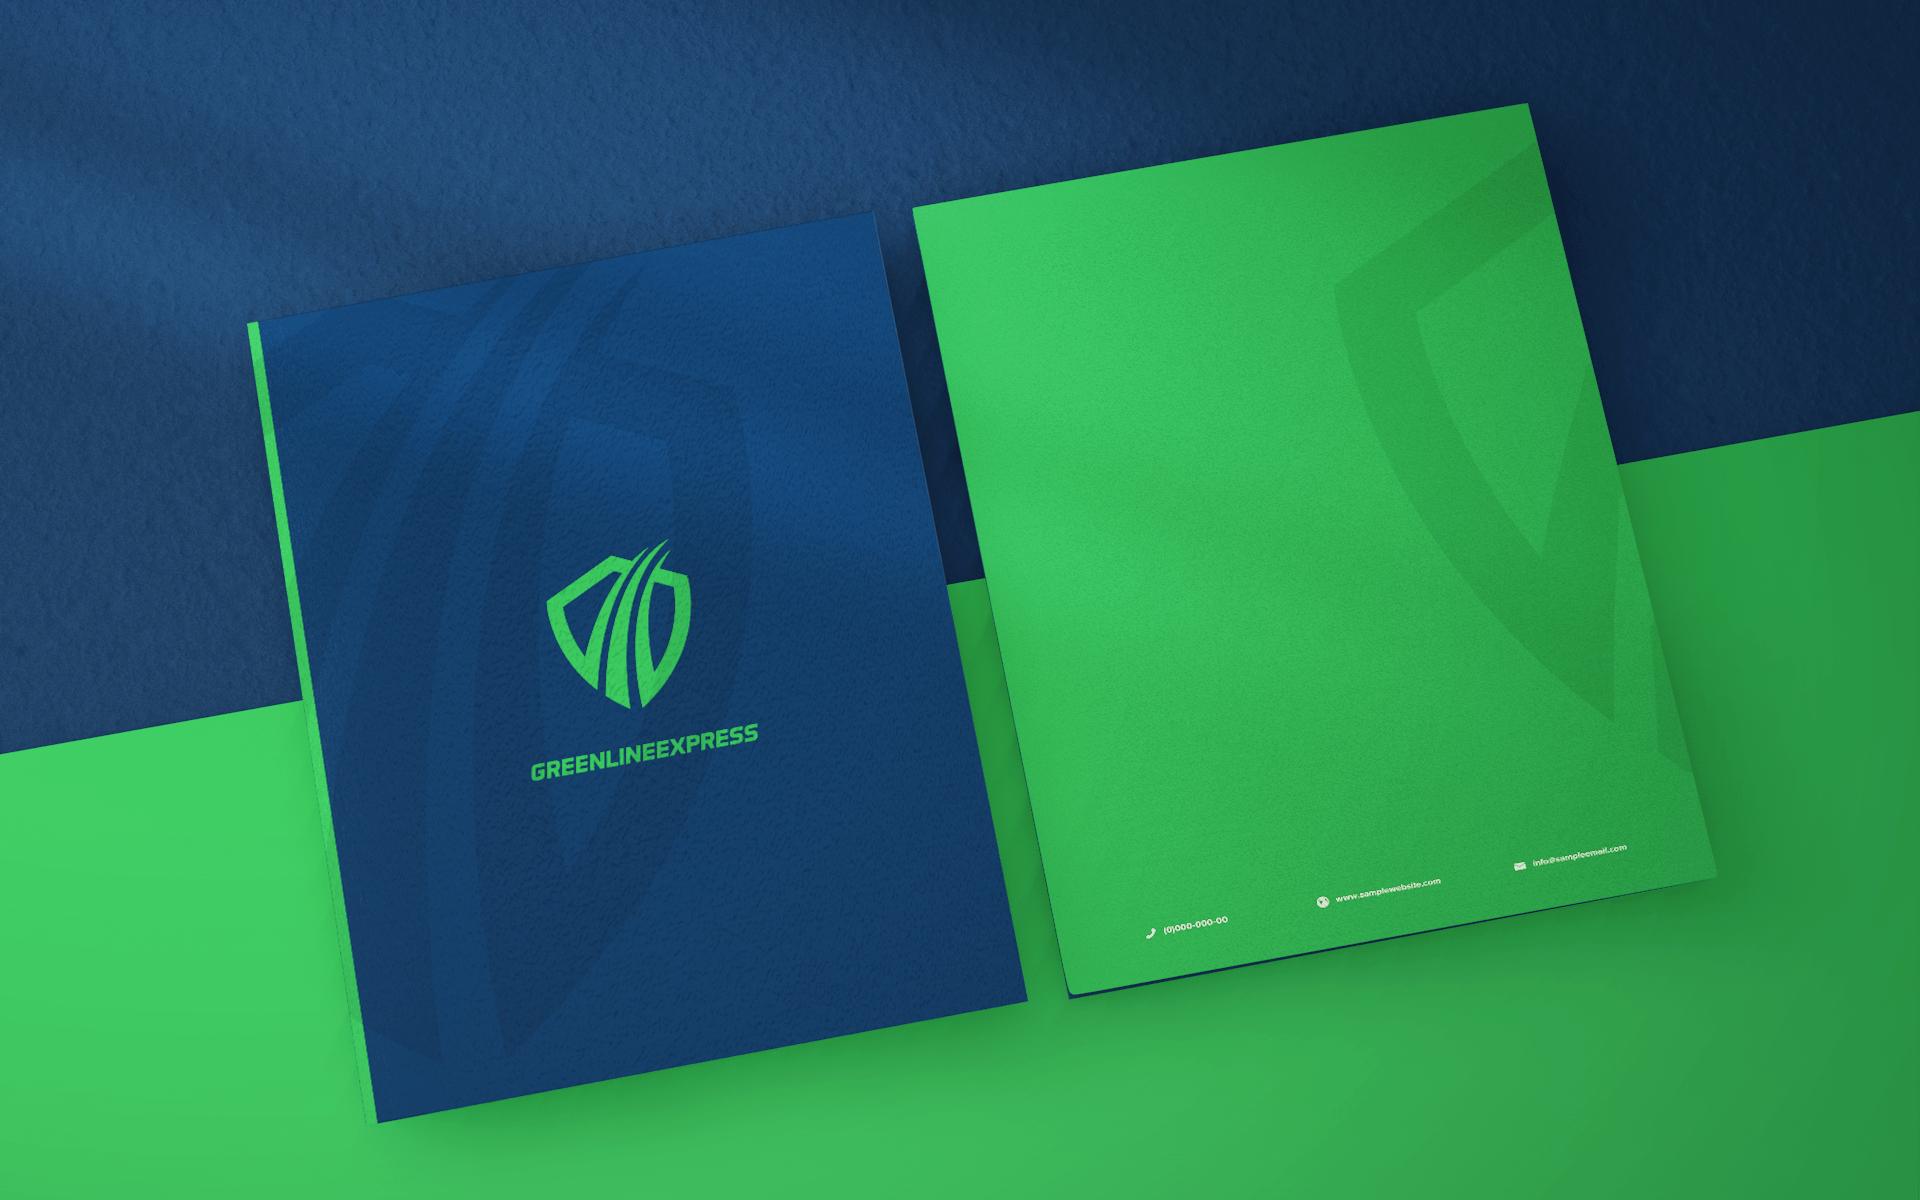 GREENLINE EXPRESS FOLDER DESIGN